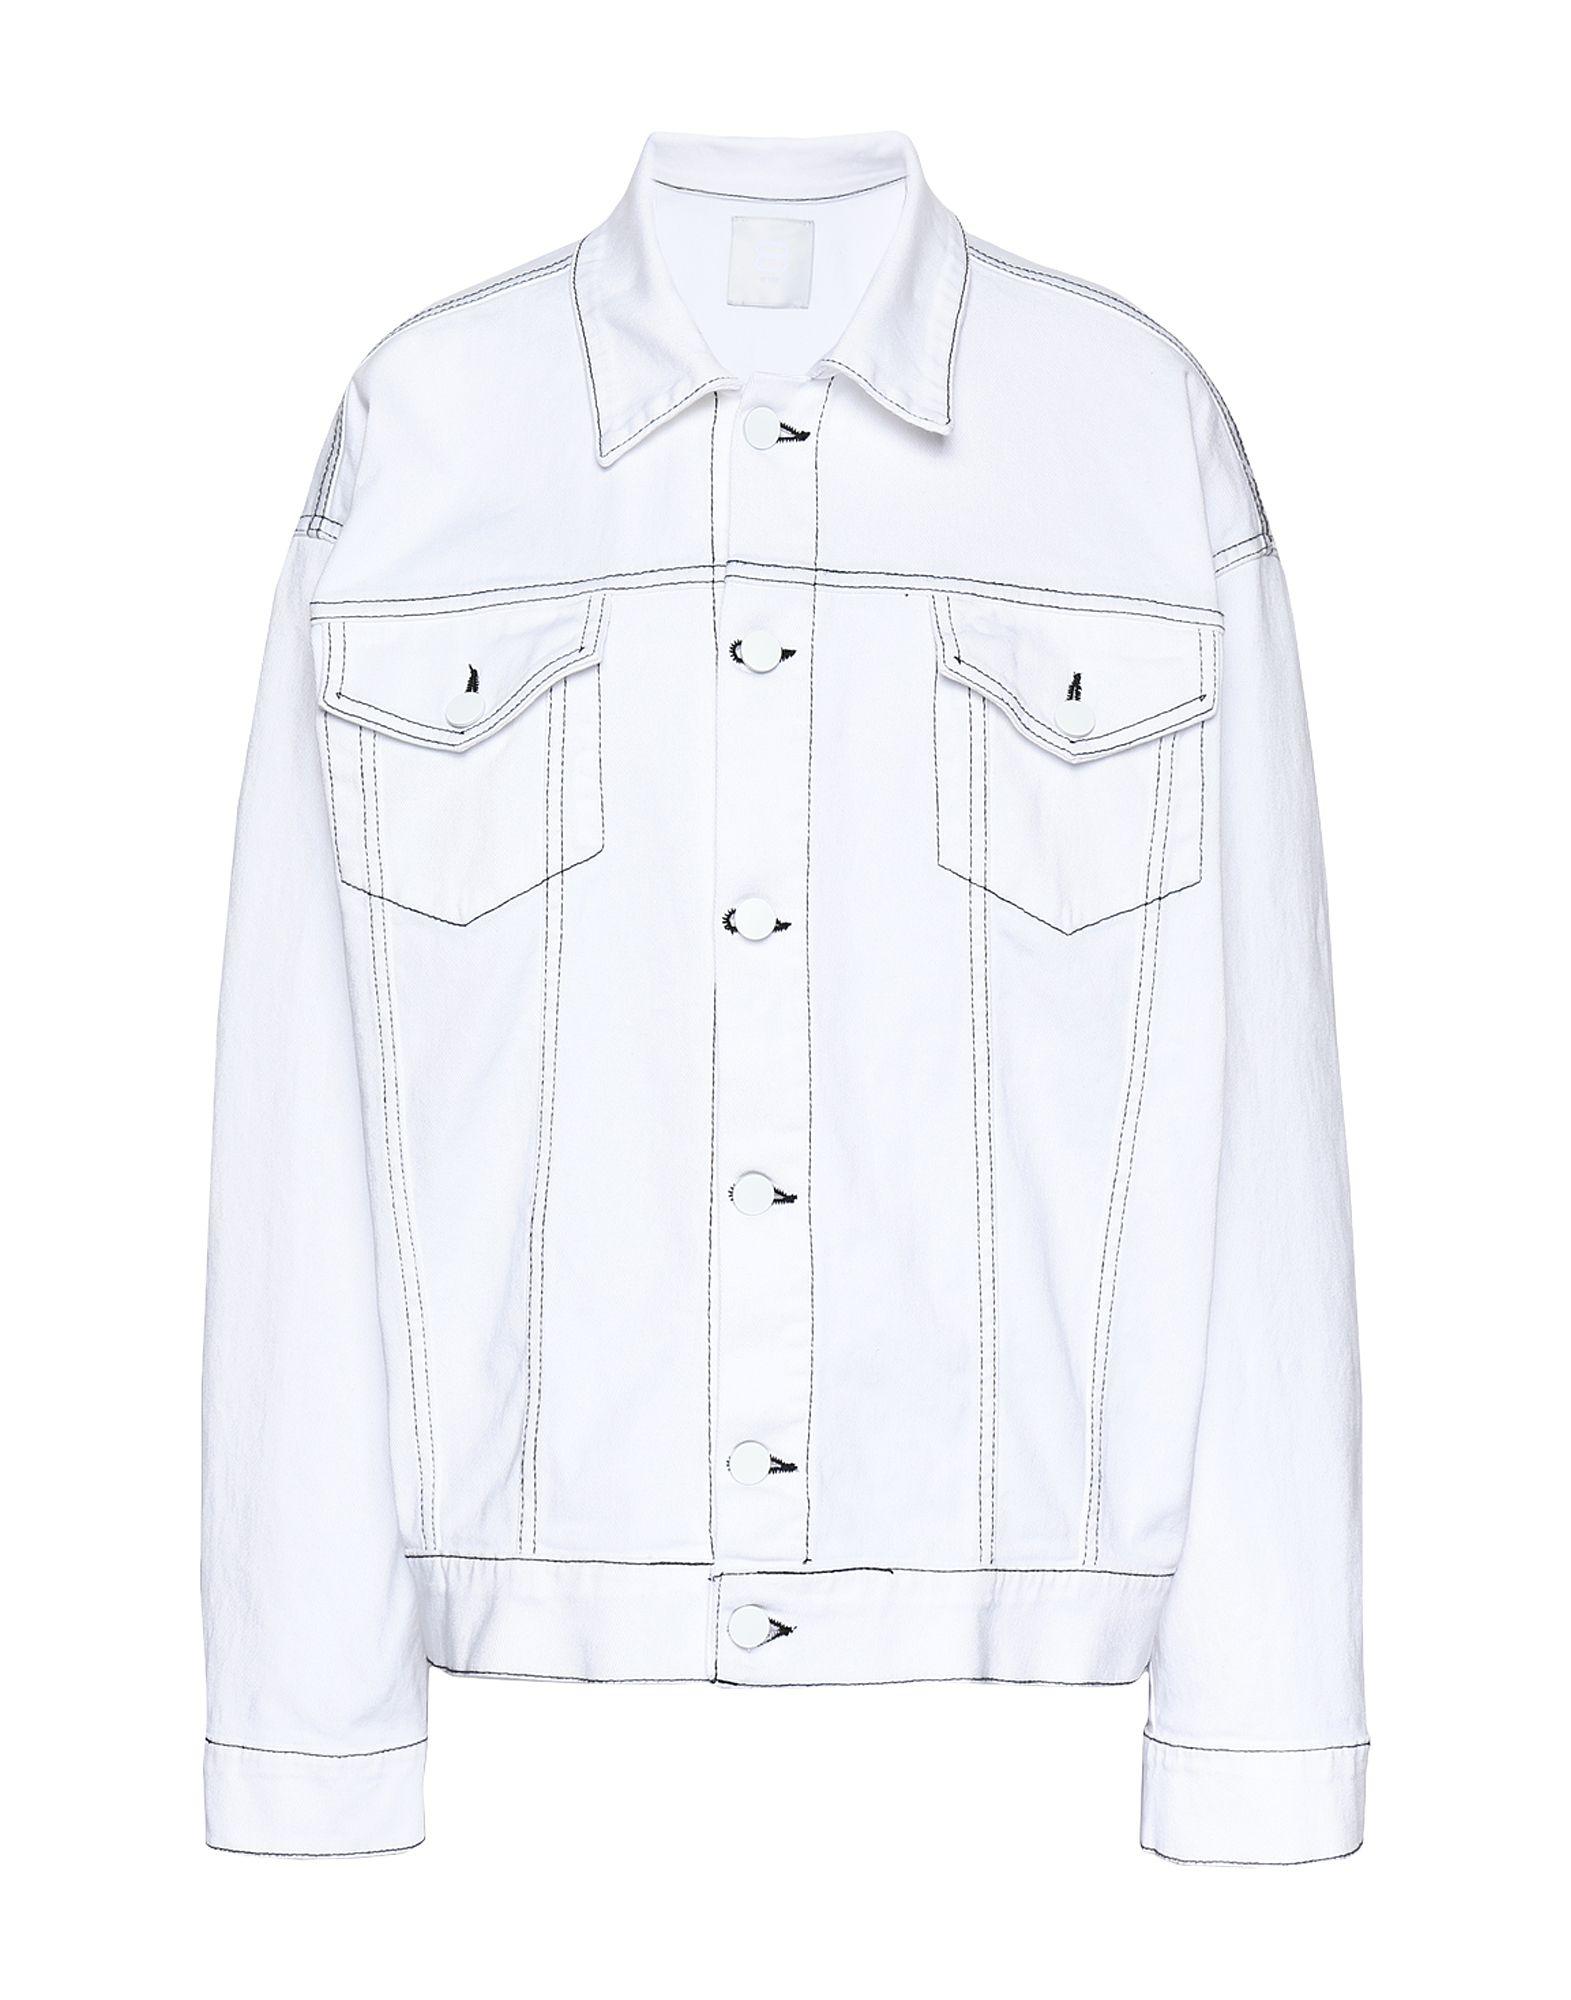 8 by YOOX Джинсовая верхняя одежда